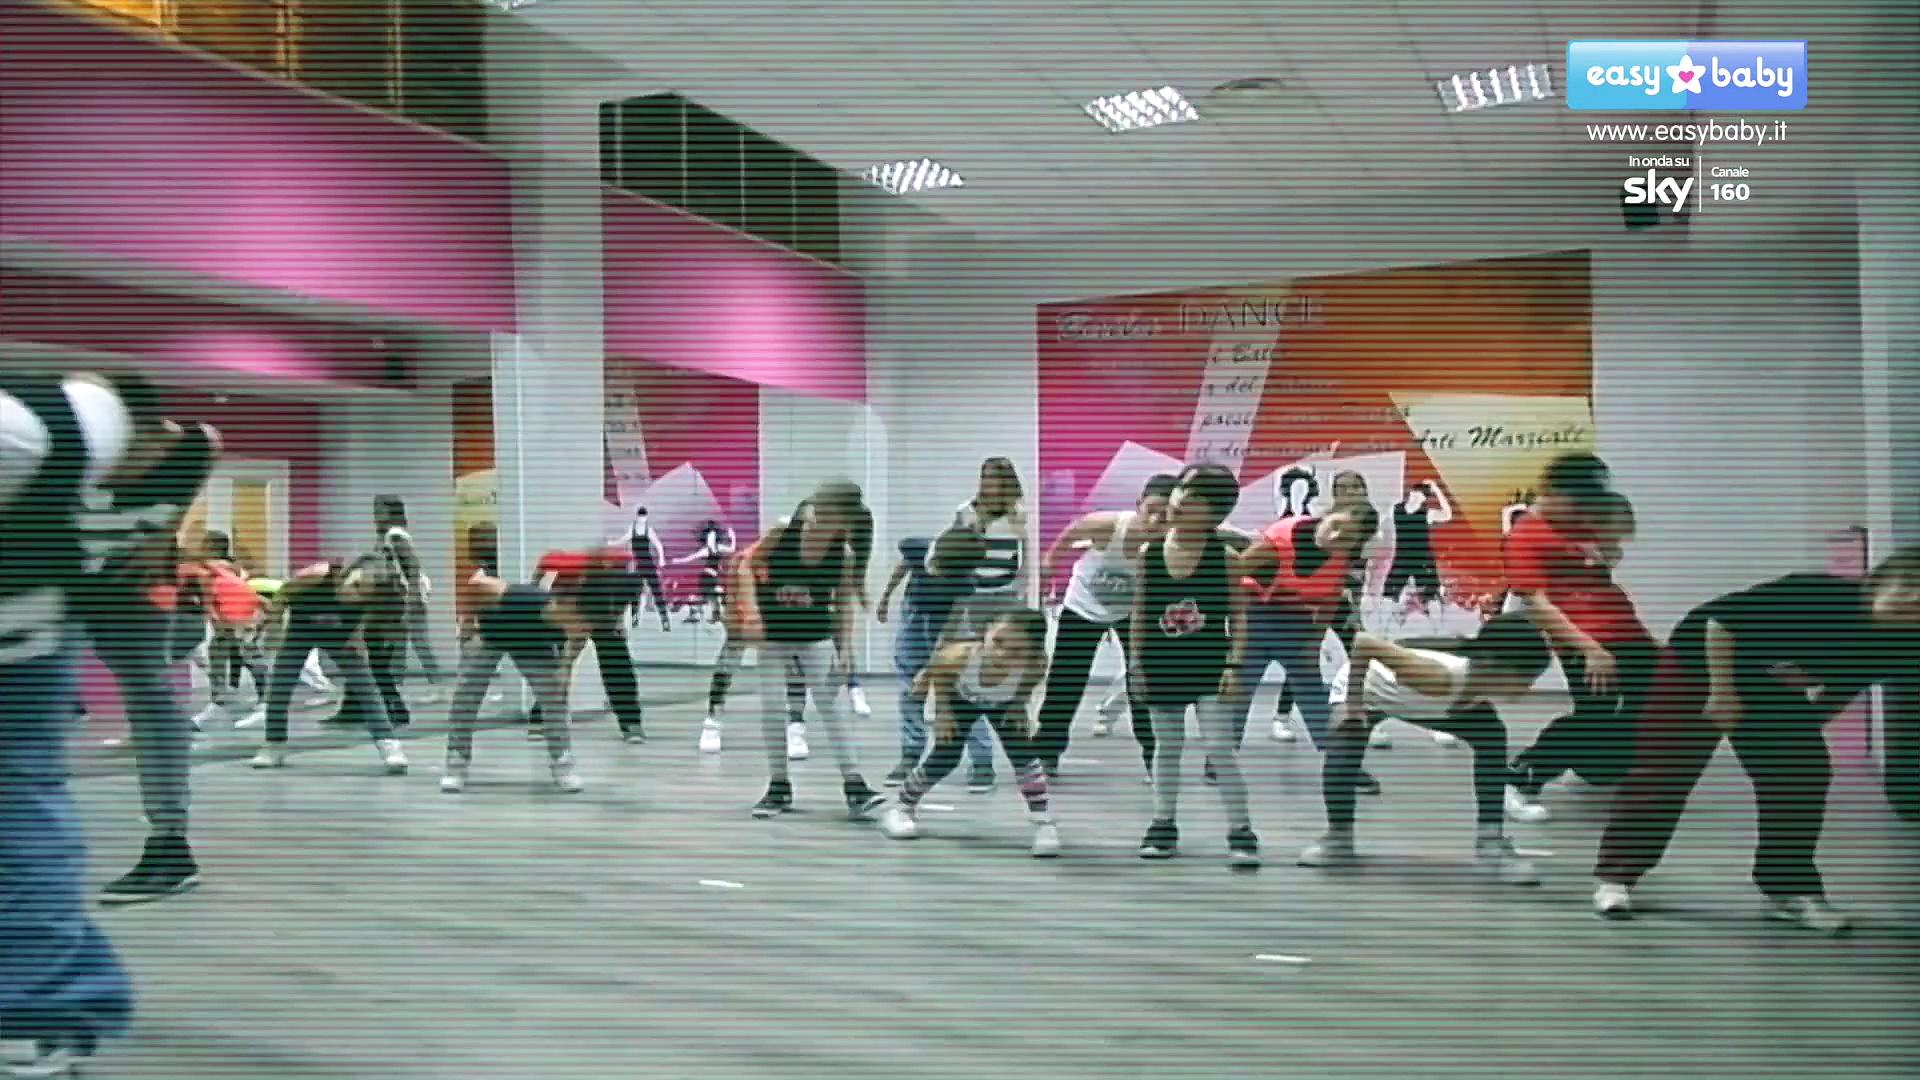 Easy Dance - Ep1 - Hip Hop Dance Tutorial - Conduce Giuseppe Meli - CH. 160 SKY